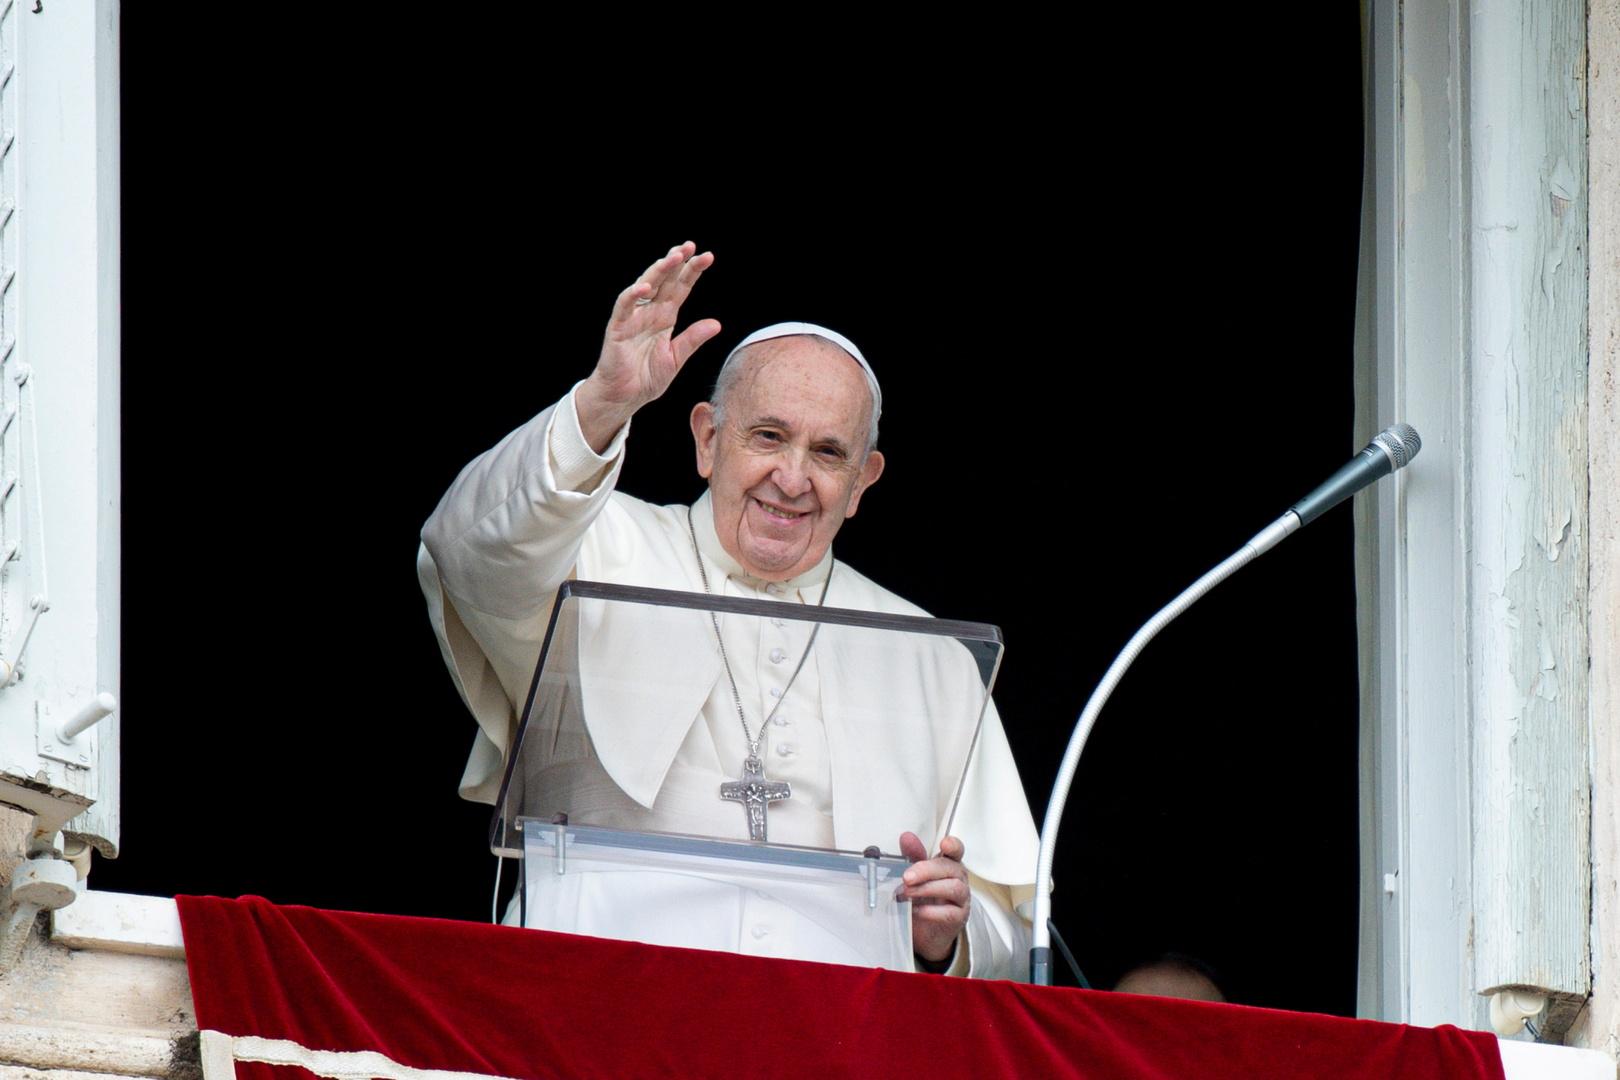 البابا فرنسيس يؤيد التنازل عن حقوق الملكية الفكرية للقاحات كورونا